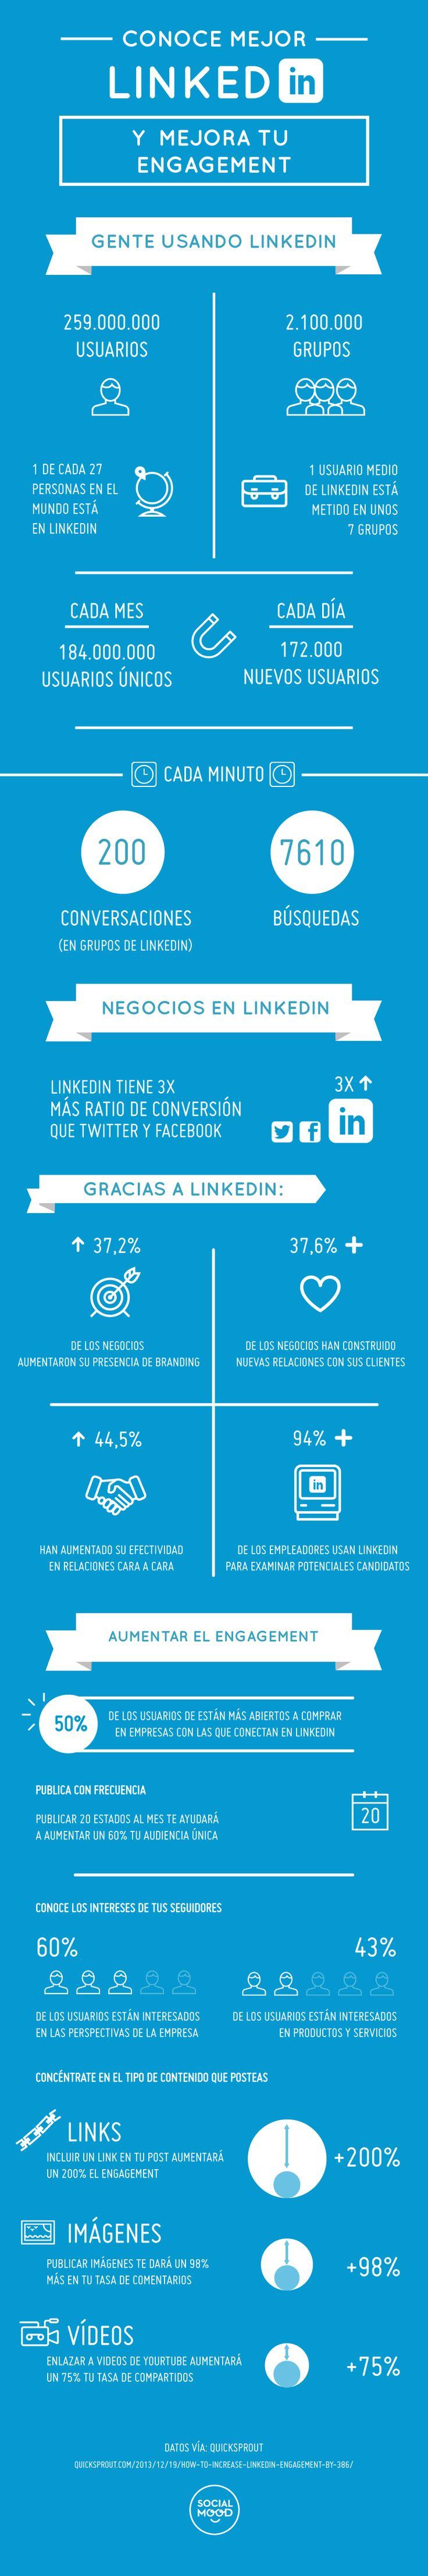 Conoce mejor LinkedIn y mejora tu Engagement. Infografía en español. #CommunityManager